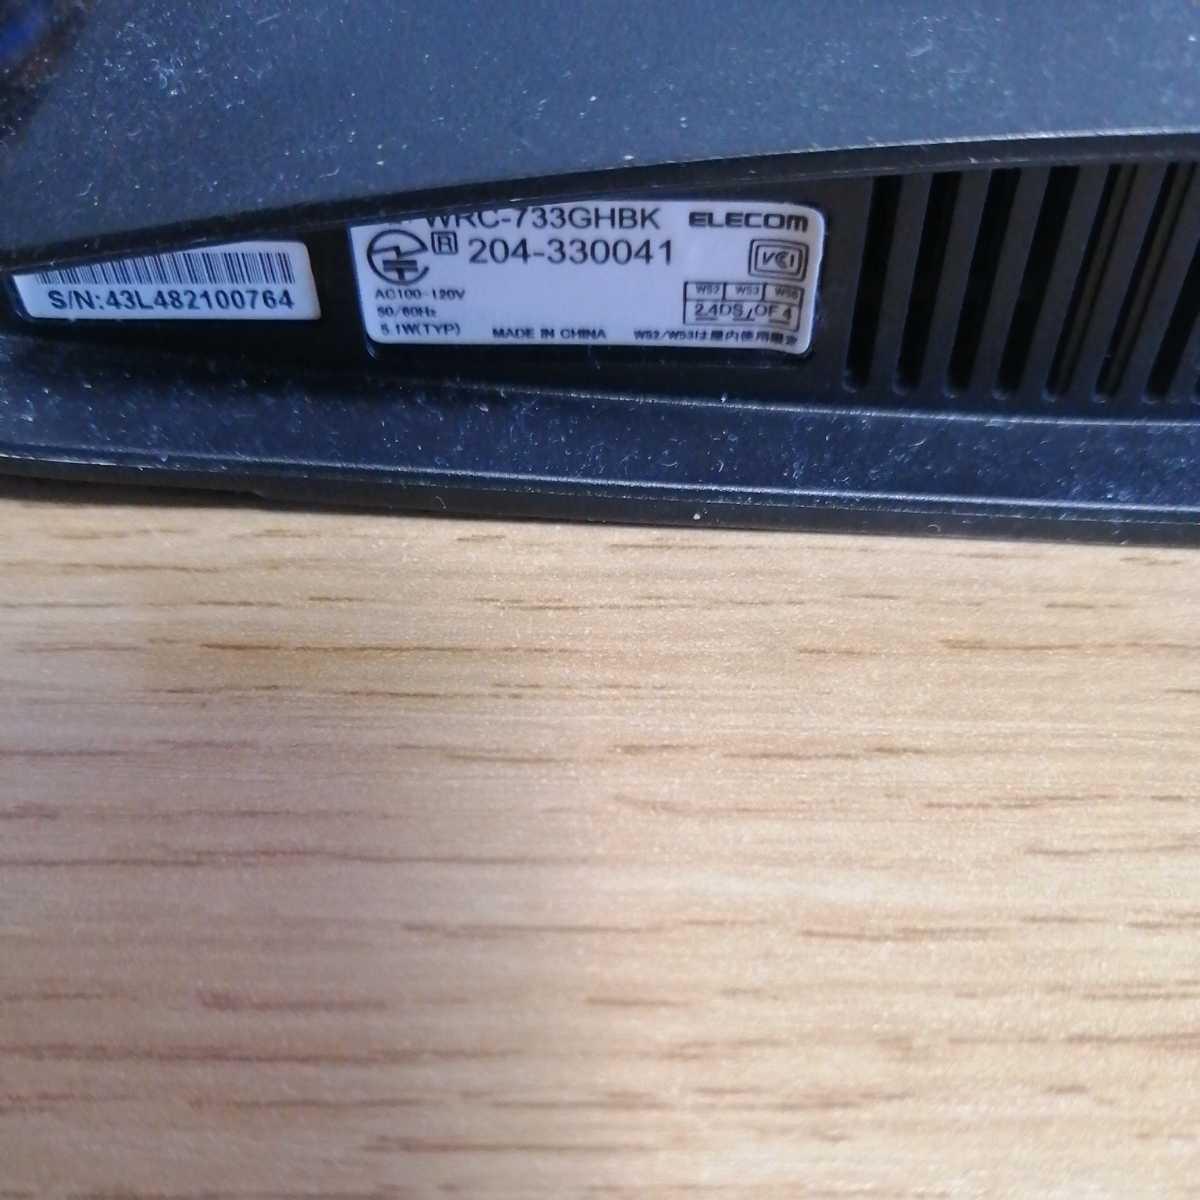 無線LANルーター ELECOM WRC-733GHBK